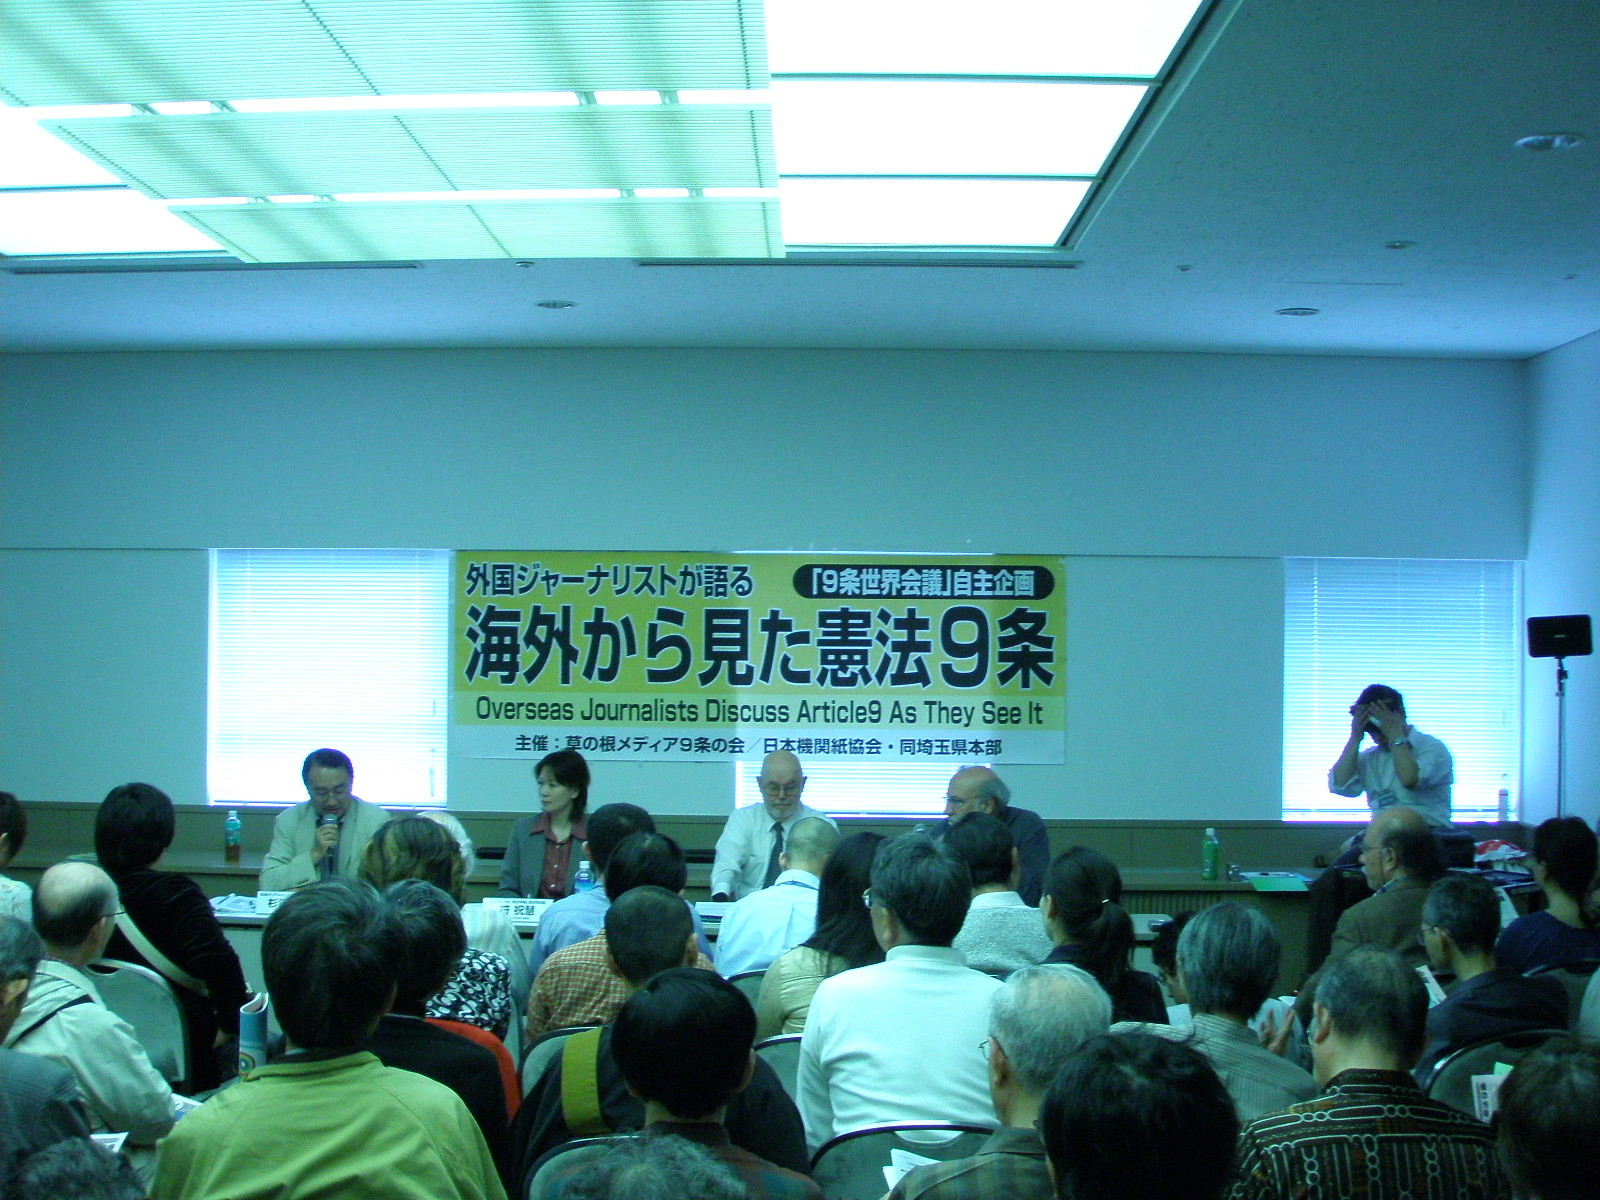 """una delle miniconferenze sul tema: """"Articolo 9 giapponese visto dall'estero"""" commentato da 3 corrispondenti stranieri in Giappone (da sinistra Akihiro Sughita (Univ. Daito Bunka) chairman, Foo Choo Wei (per """"Lianhe Zaobao"""" di Singapore) Gebhard Hielscher (ex corrispondente per """"The Suddeutche Zeitung"""" di Germania) John Junkerman, (regista del film documentario """"The Constitution of Japan"""")"""